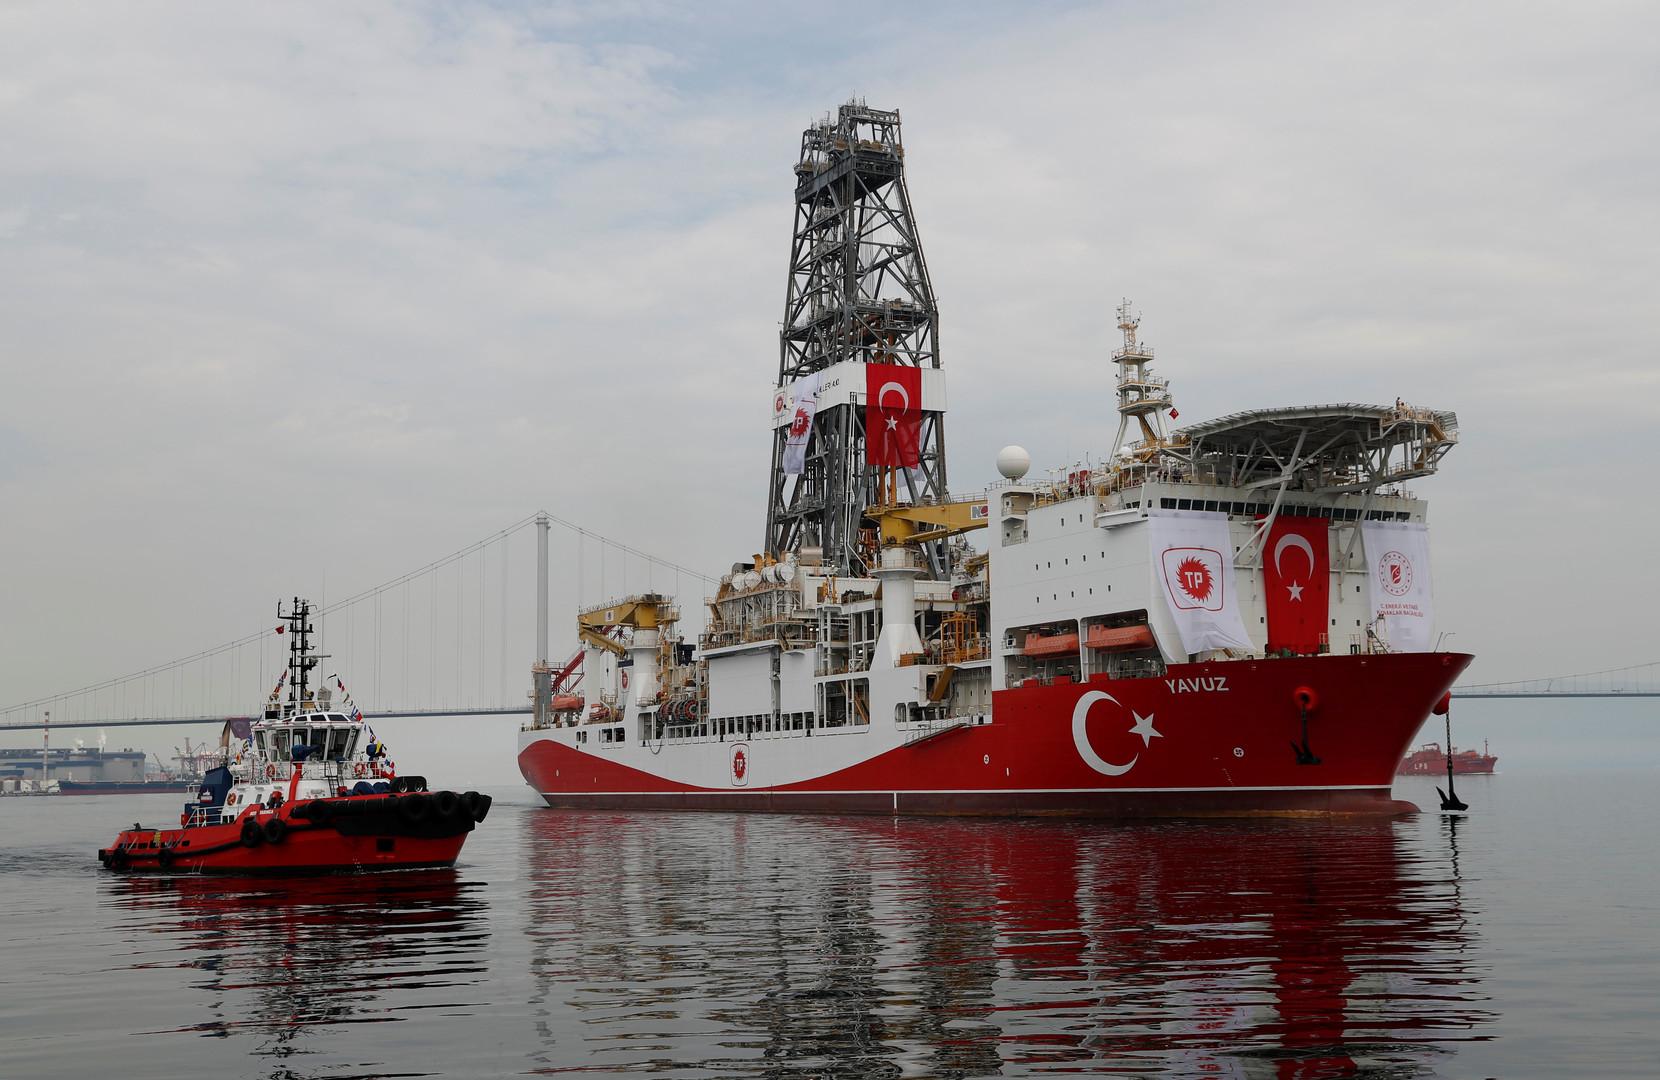 خبراء روس: توجهات تركيا اختلفت وأوروبا لن تثنيها عن التنقيب على الغاز